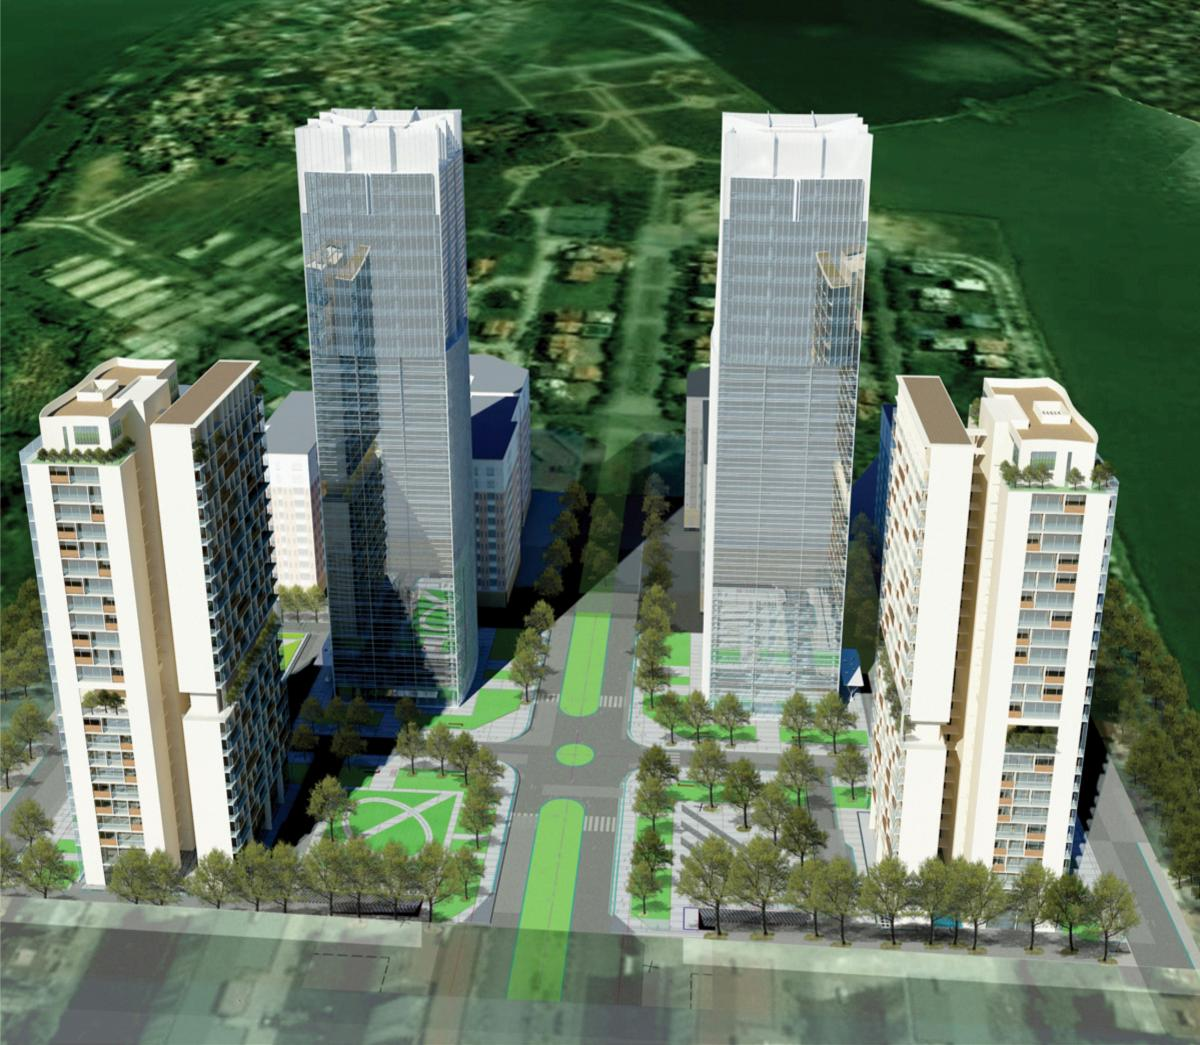 Central%20Linhdam%20Plaza Tổng quan và quy mô Central Linhdam Plaza: Cao ốc văn phòng   Căn hộ cao cấp tại bán đảo Linh Đàm